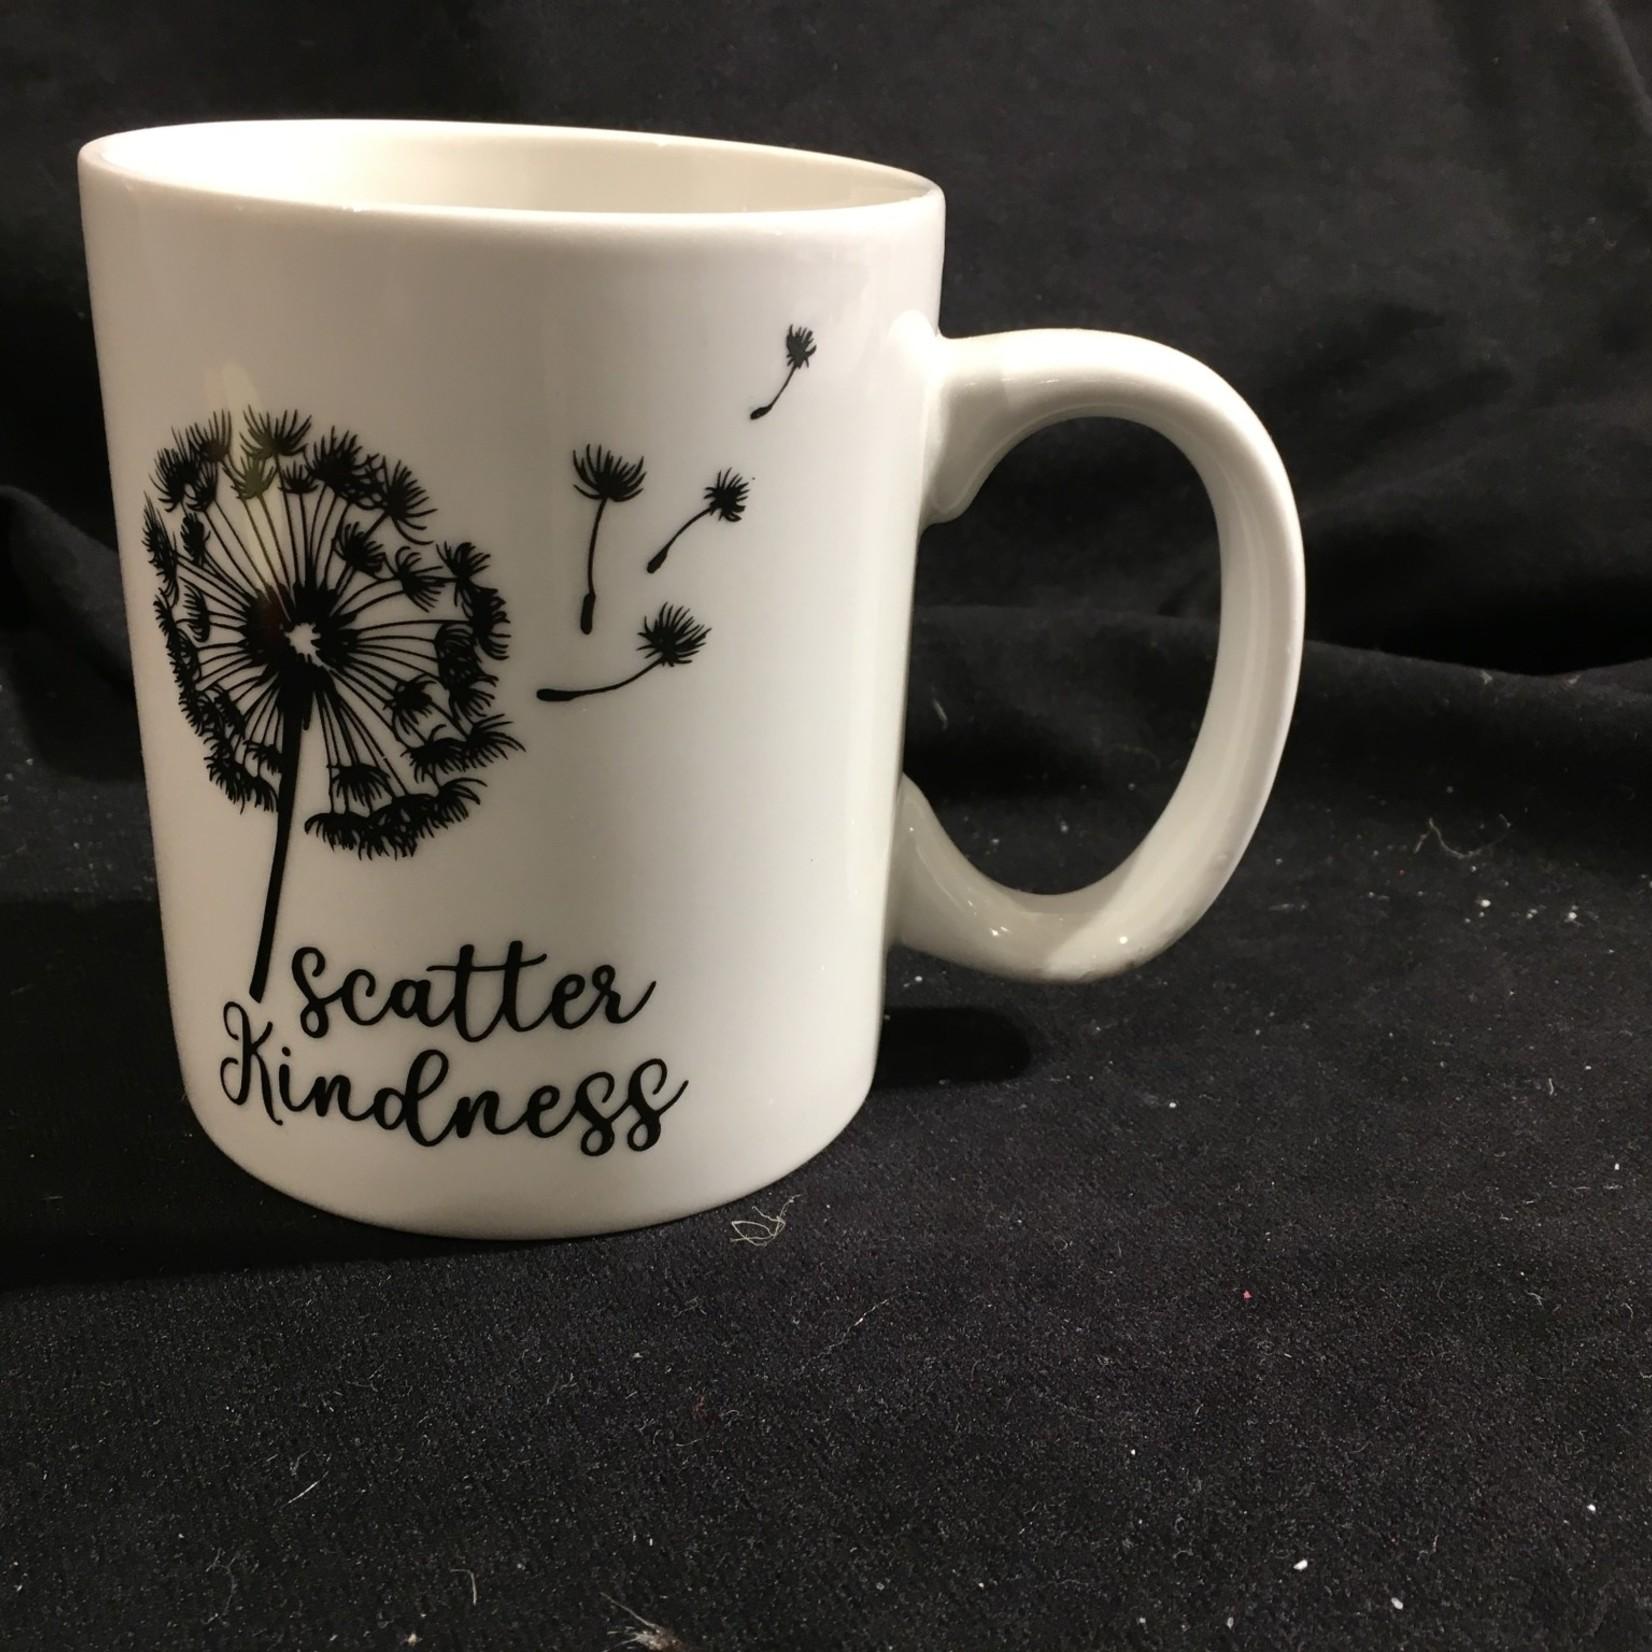 Scatter Kindness XL Mug